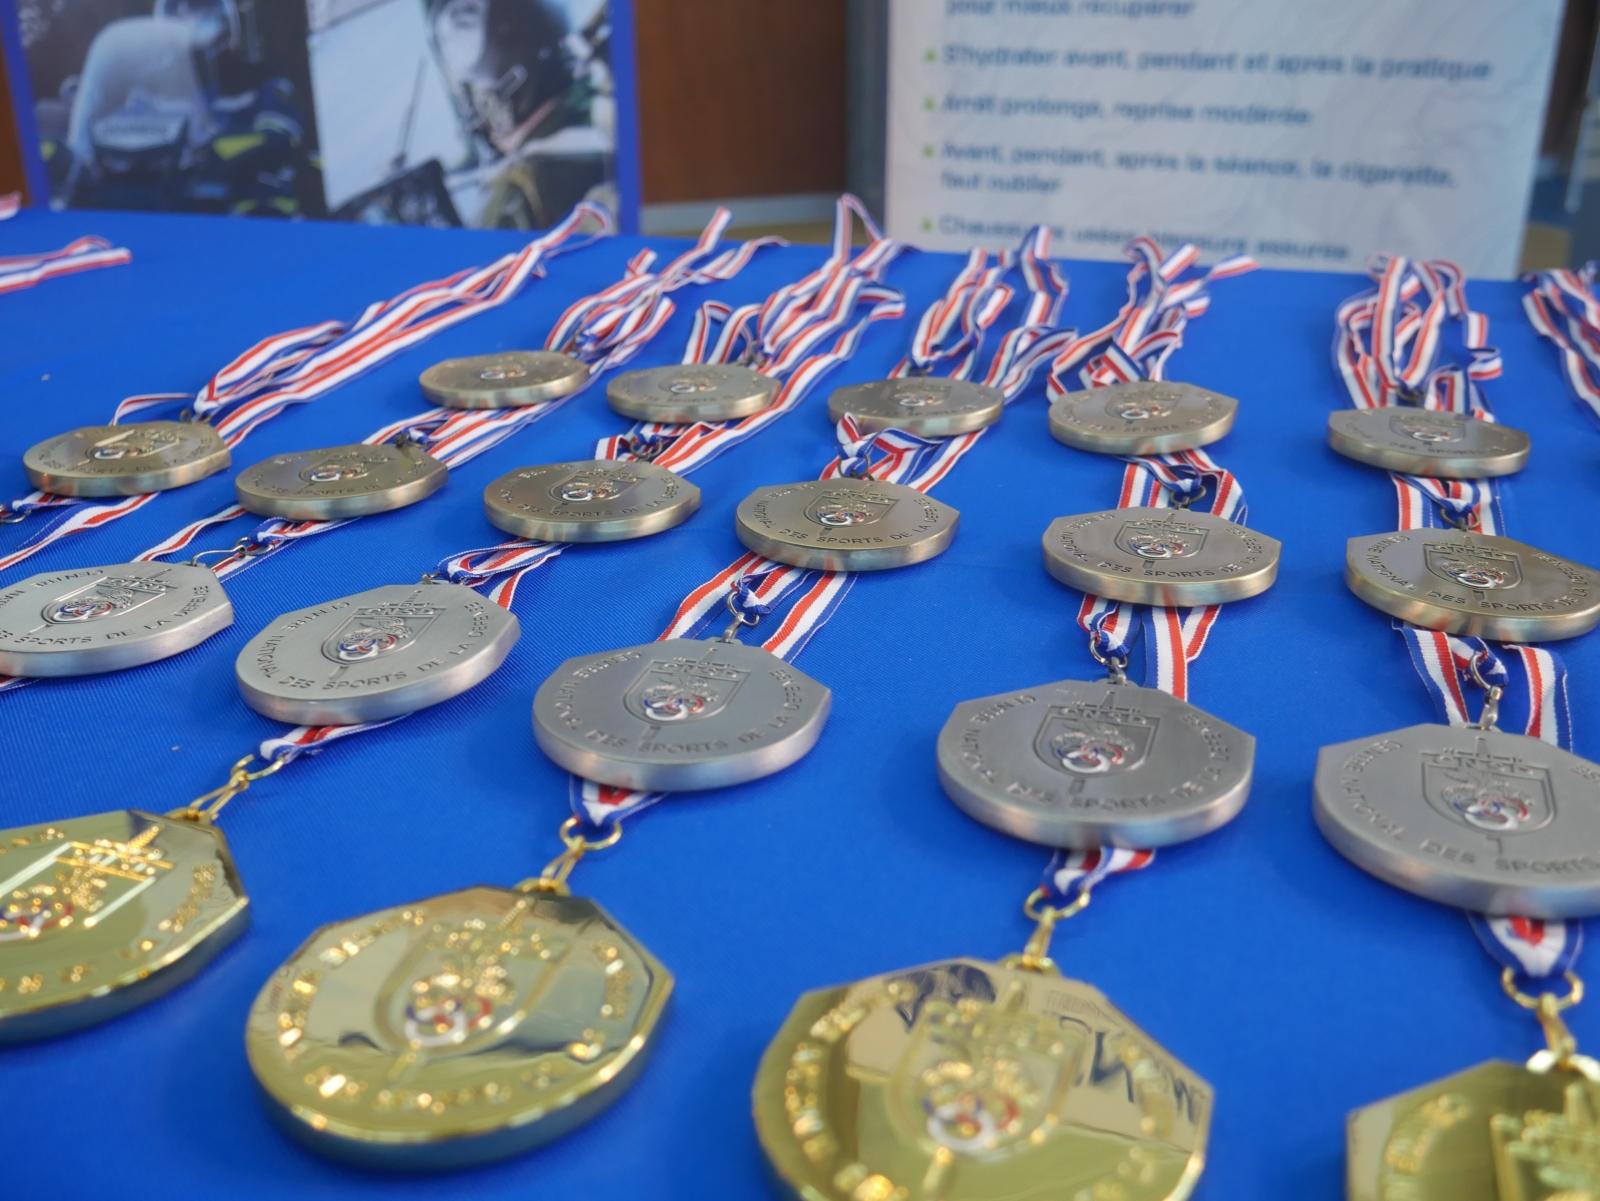 Championnat de France Militaire 26 Août 2021 - Foix